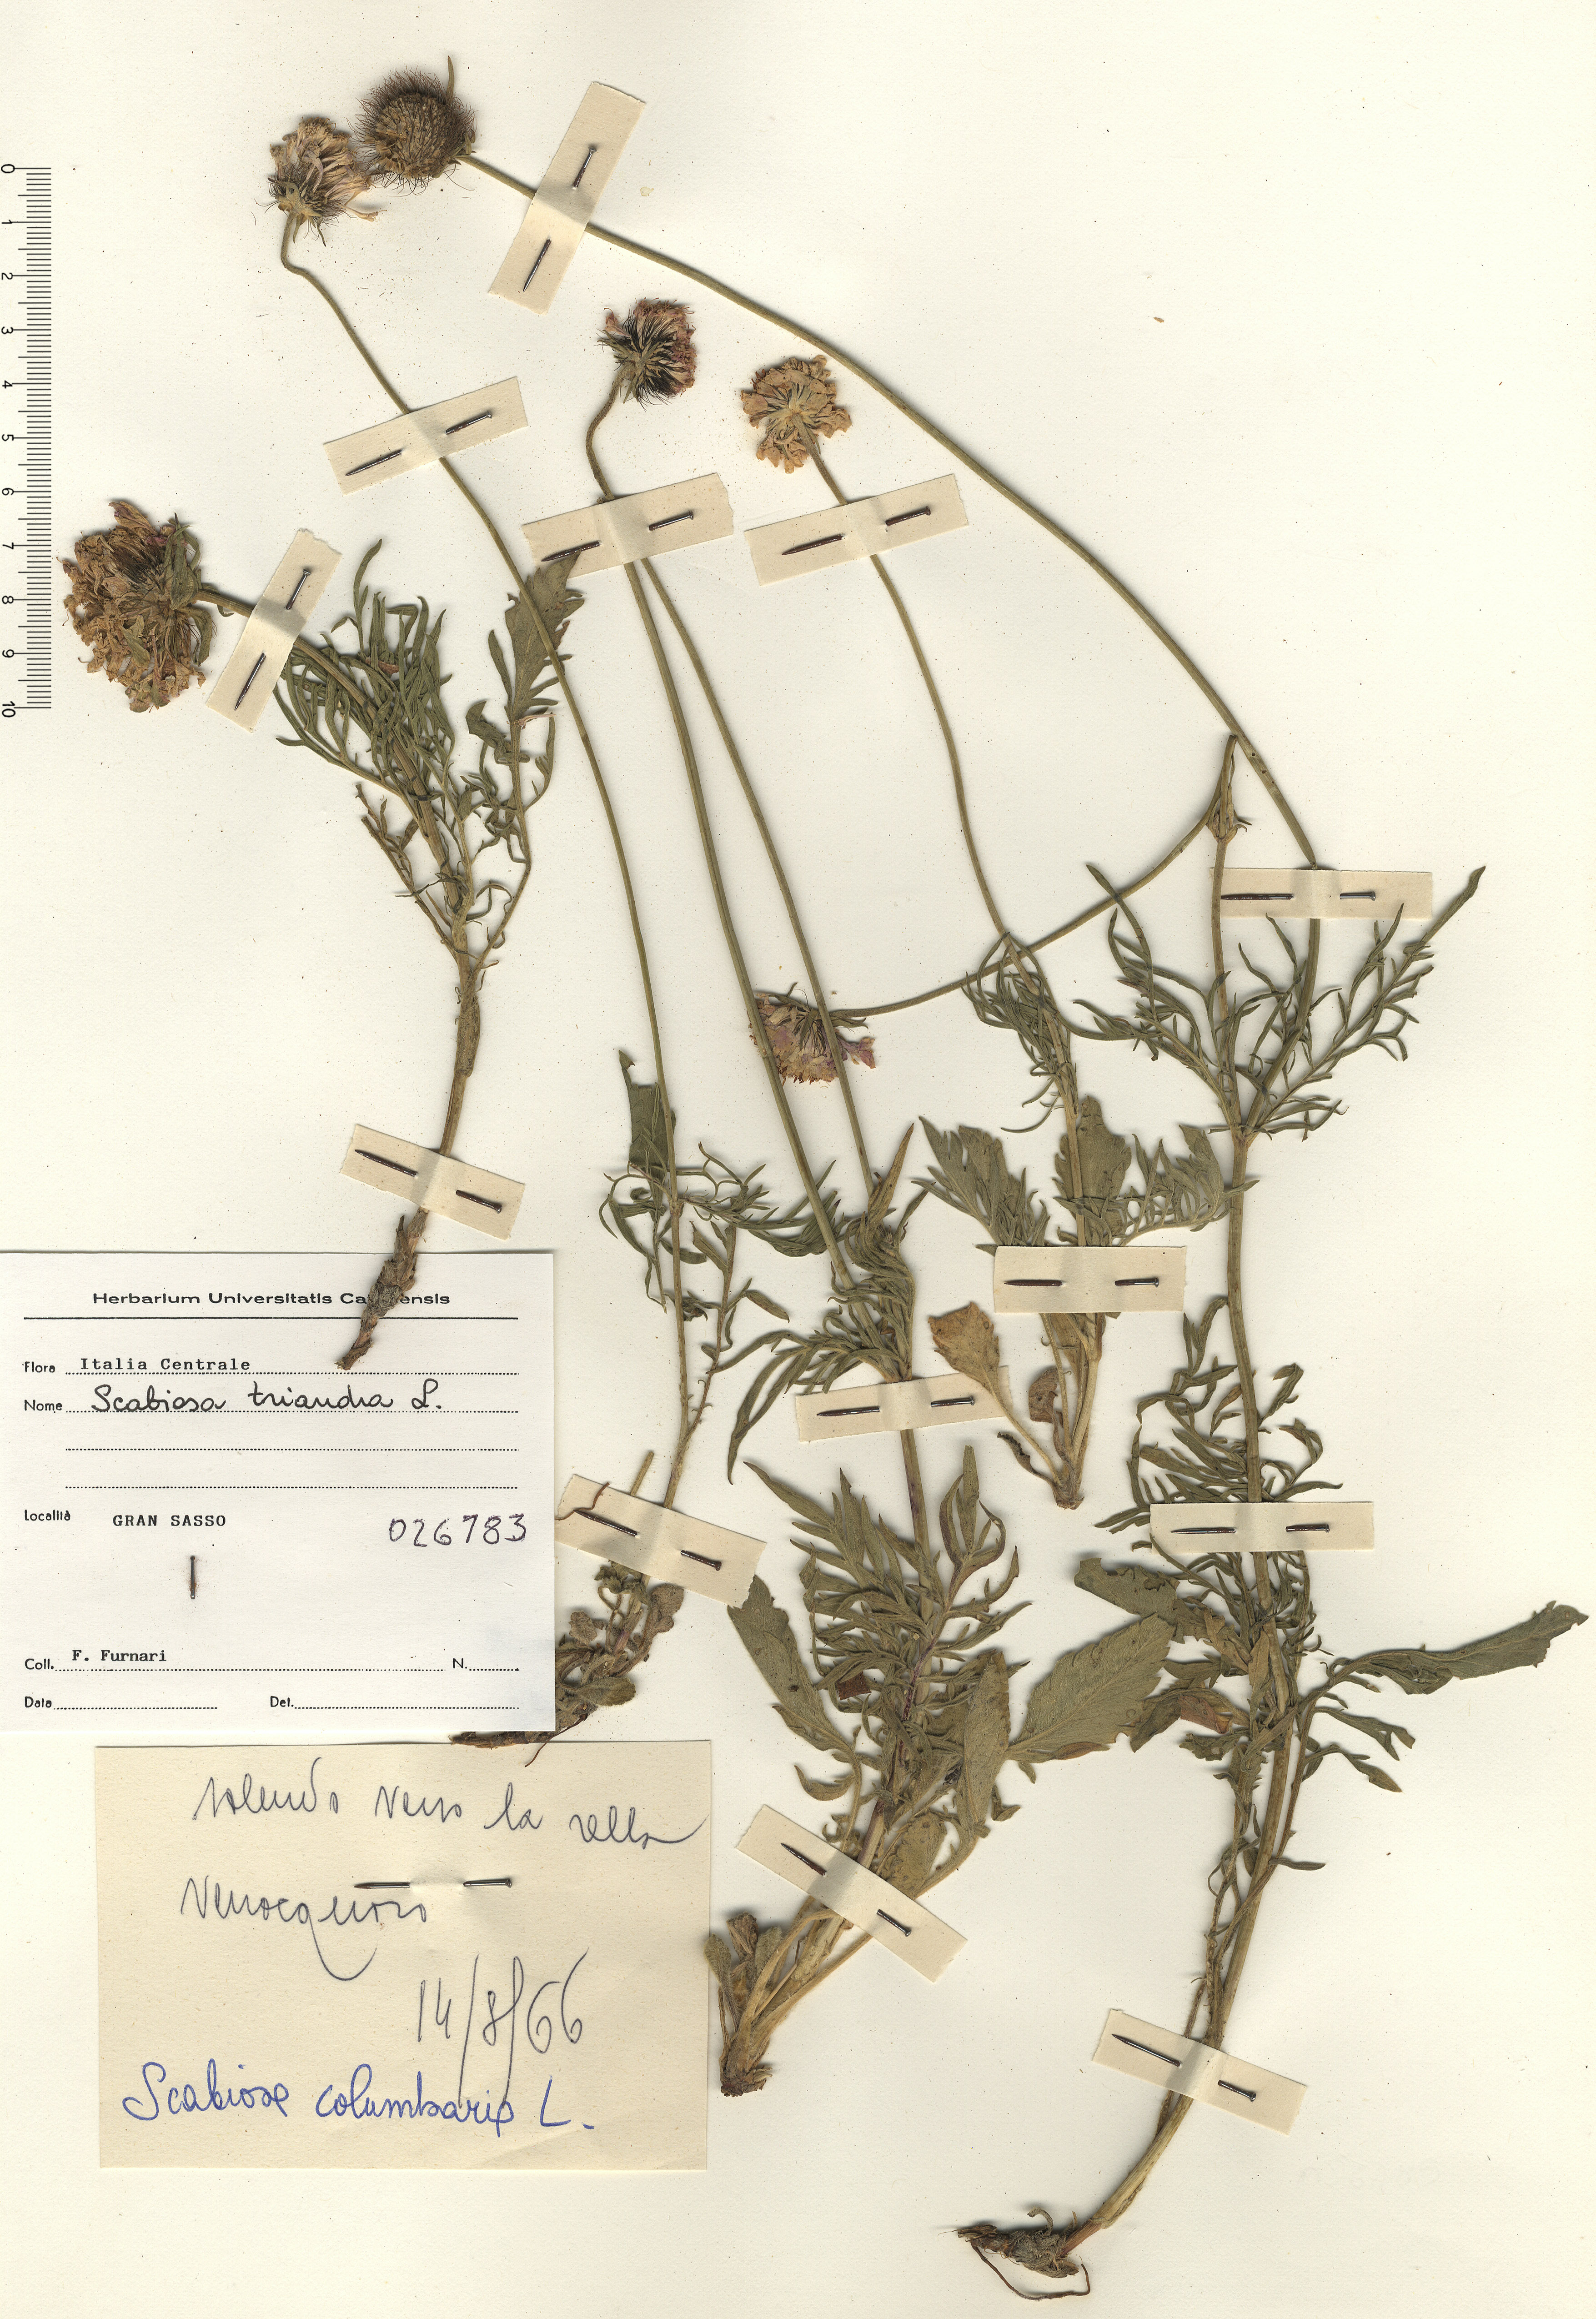 © Hortus Botanicus Catinensis - Herb. sheet 026783<br>